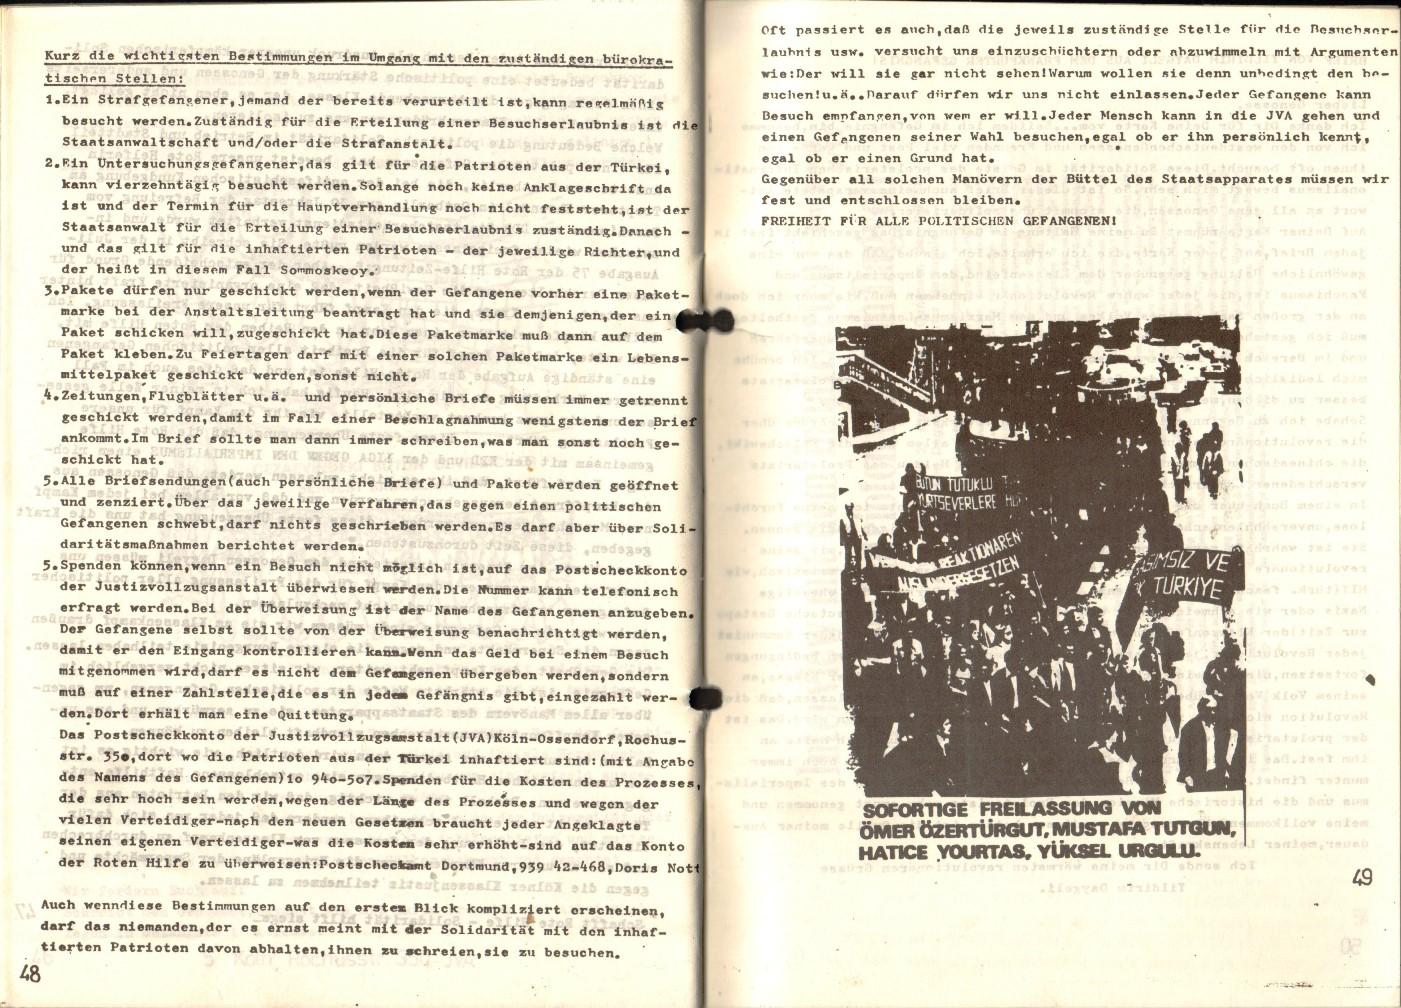 NRW_Rote_Hilfe_1975_Sofortige_Freilassung_der_tuerkischen_Patrioten_26